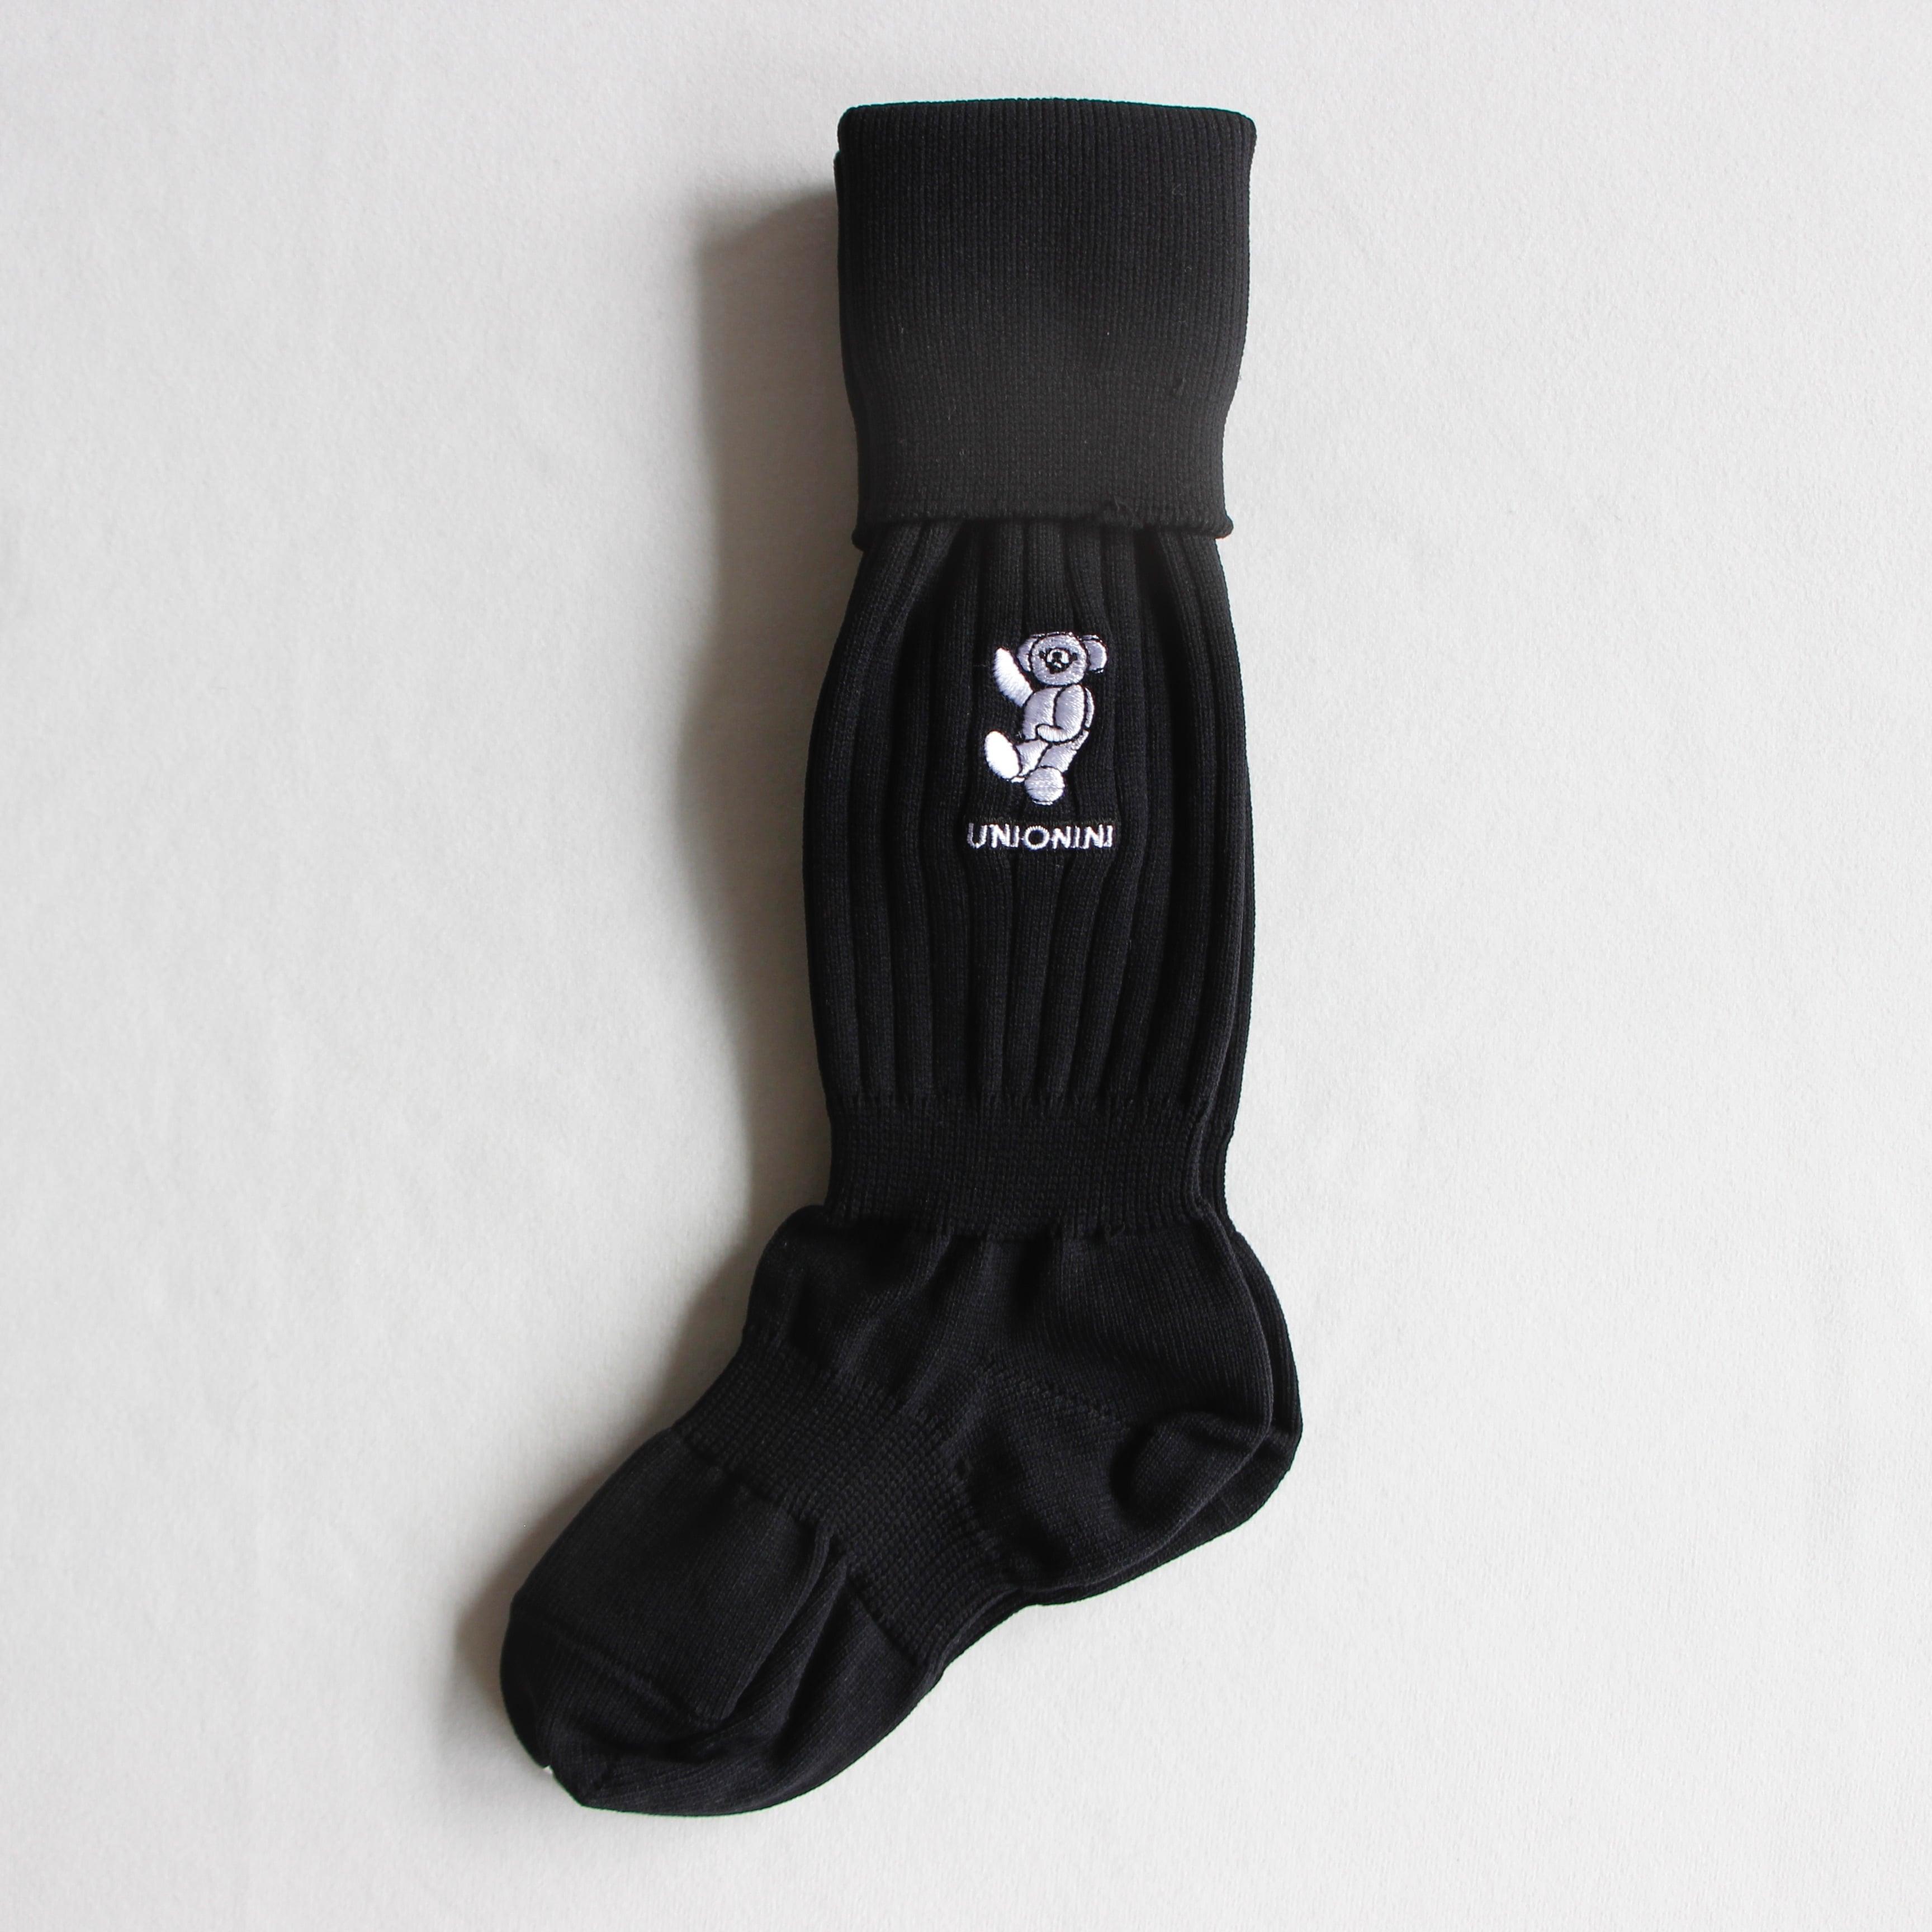 《UNIONINI 2021AW》over-knee teddybear socks / black